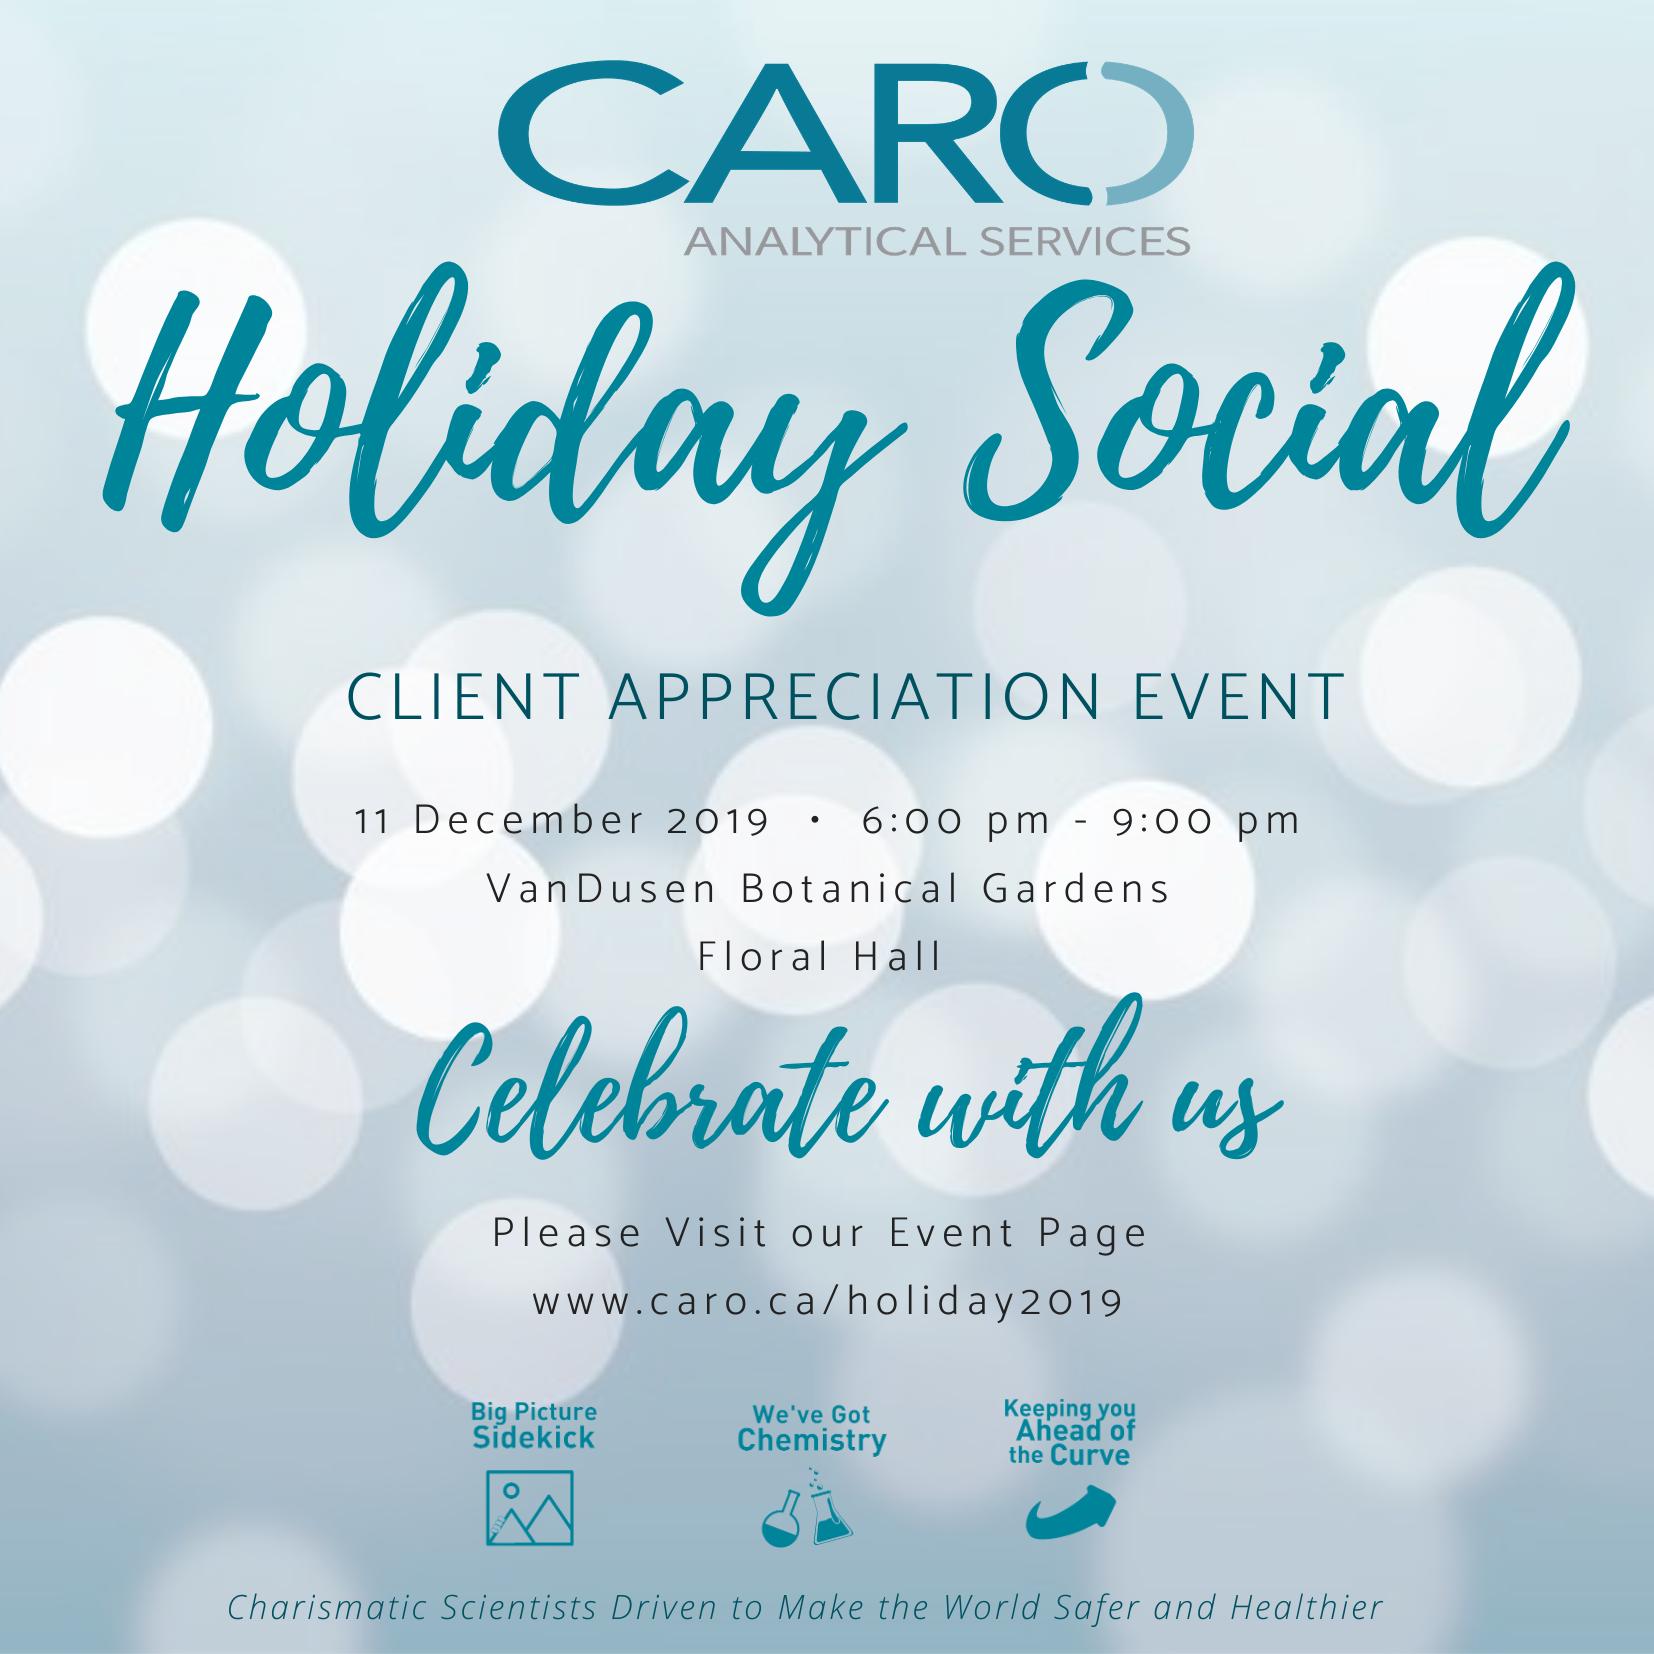 2019 Client Appreciation Invite CARO